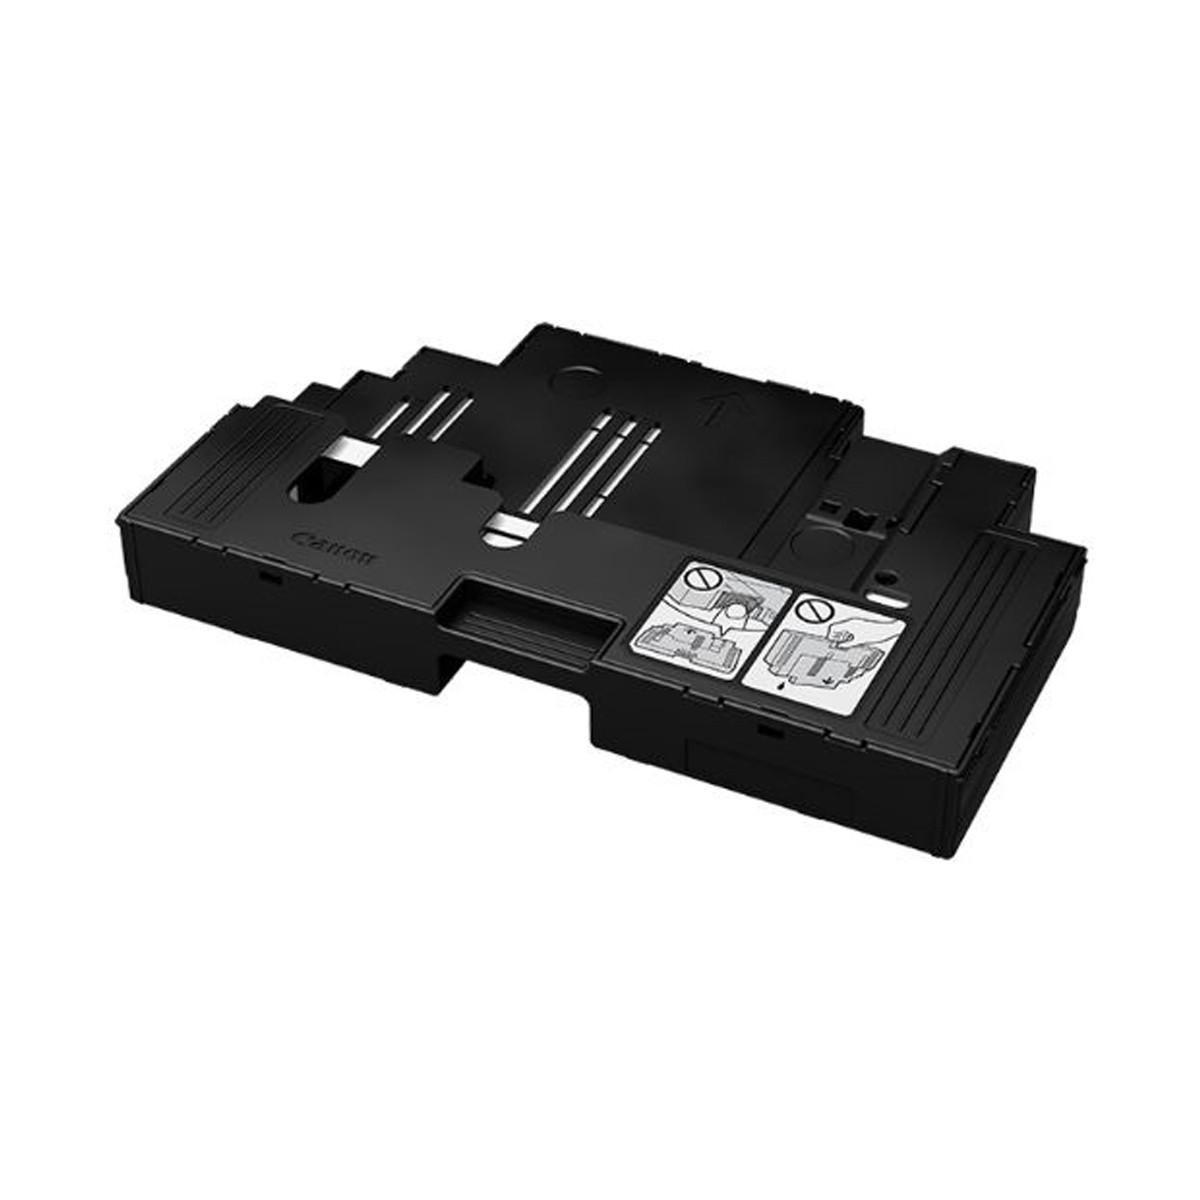 Tanque de Manutenção Canon MC-G02 MCG02 4589C001AA   G2160 G3160   Original